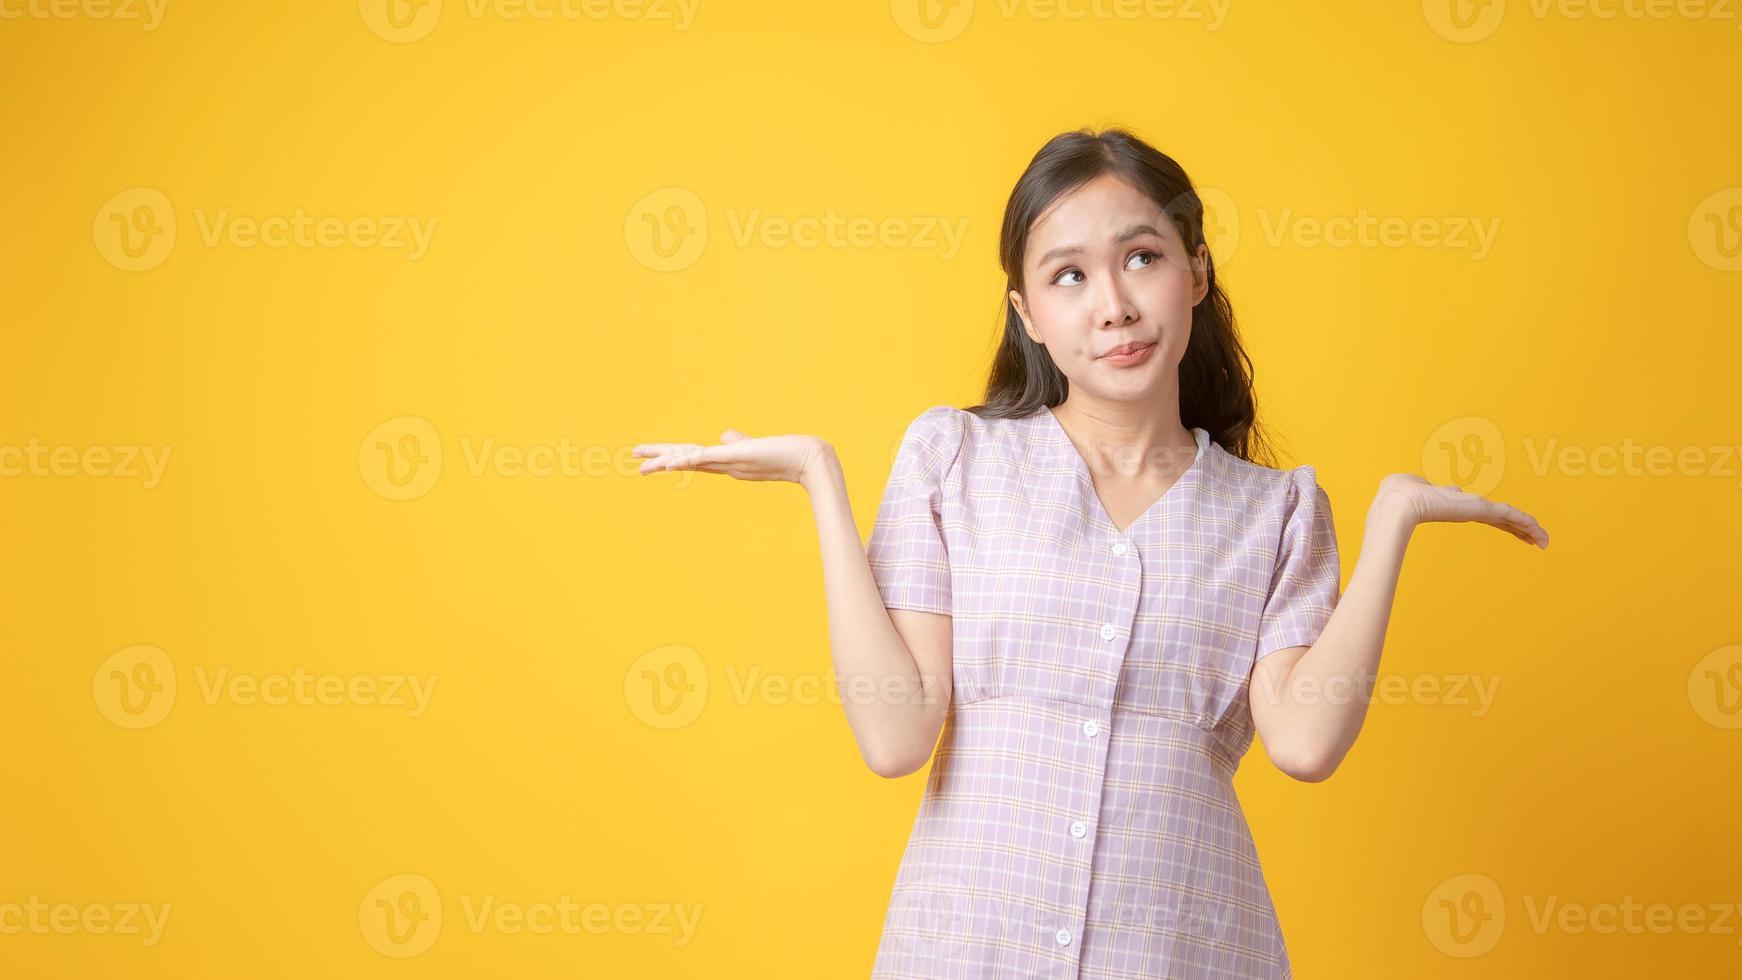 Aziatische vrouw gebaren met beide handpalmen omhoog op gele achtergrond foto